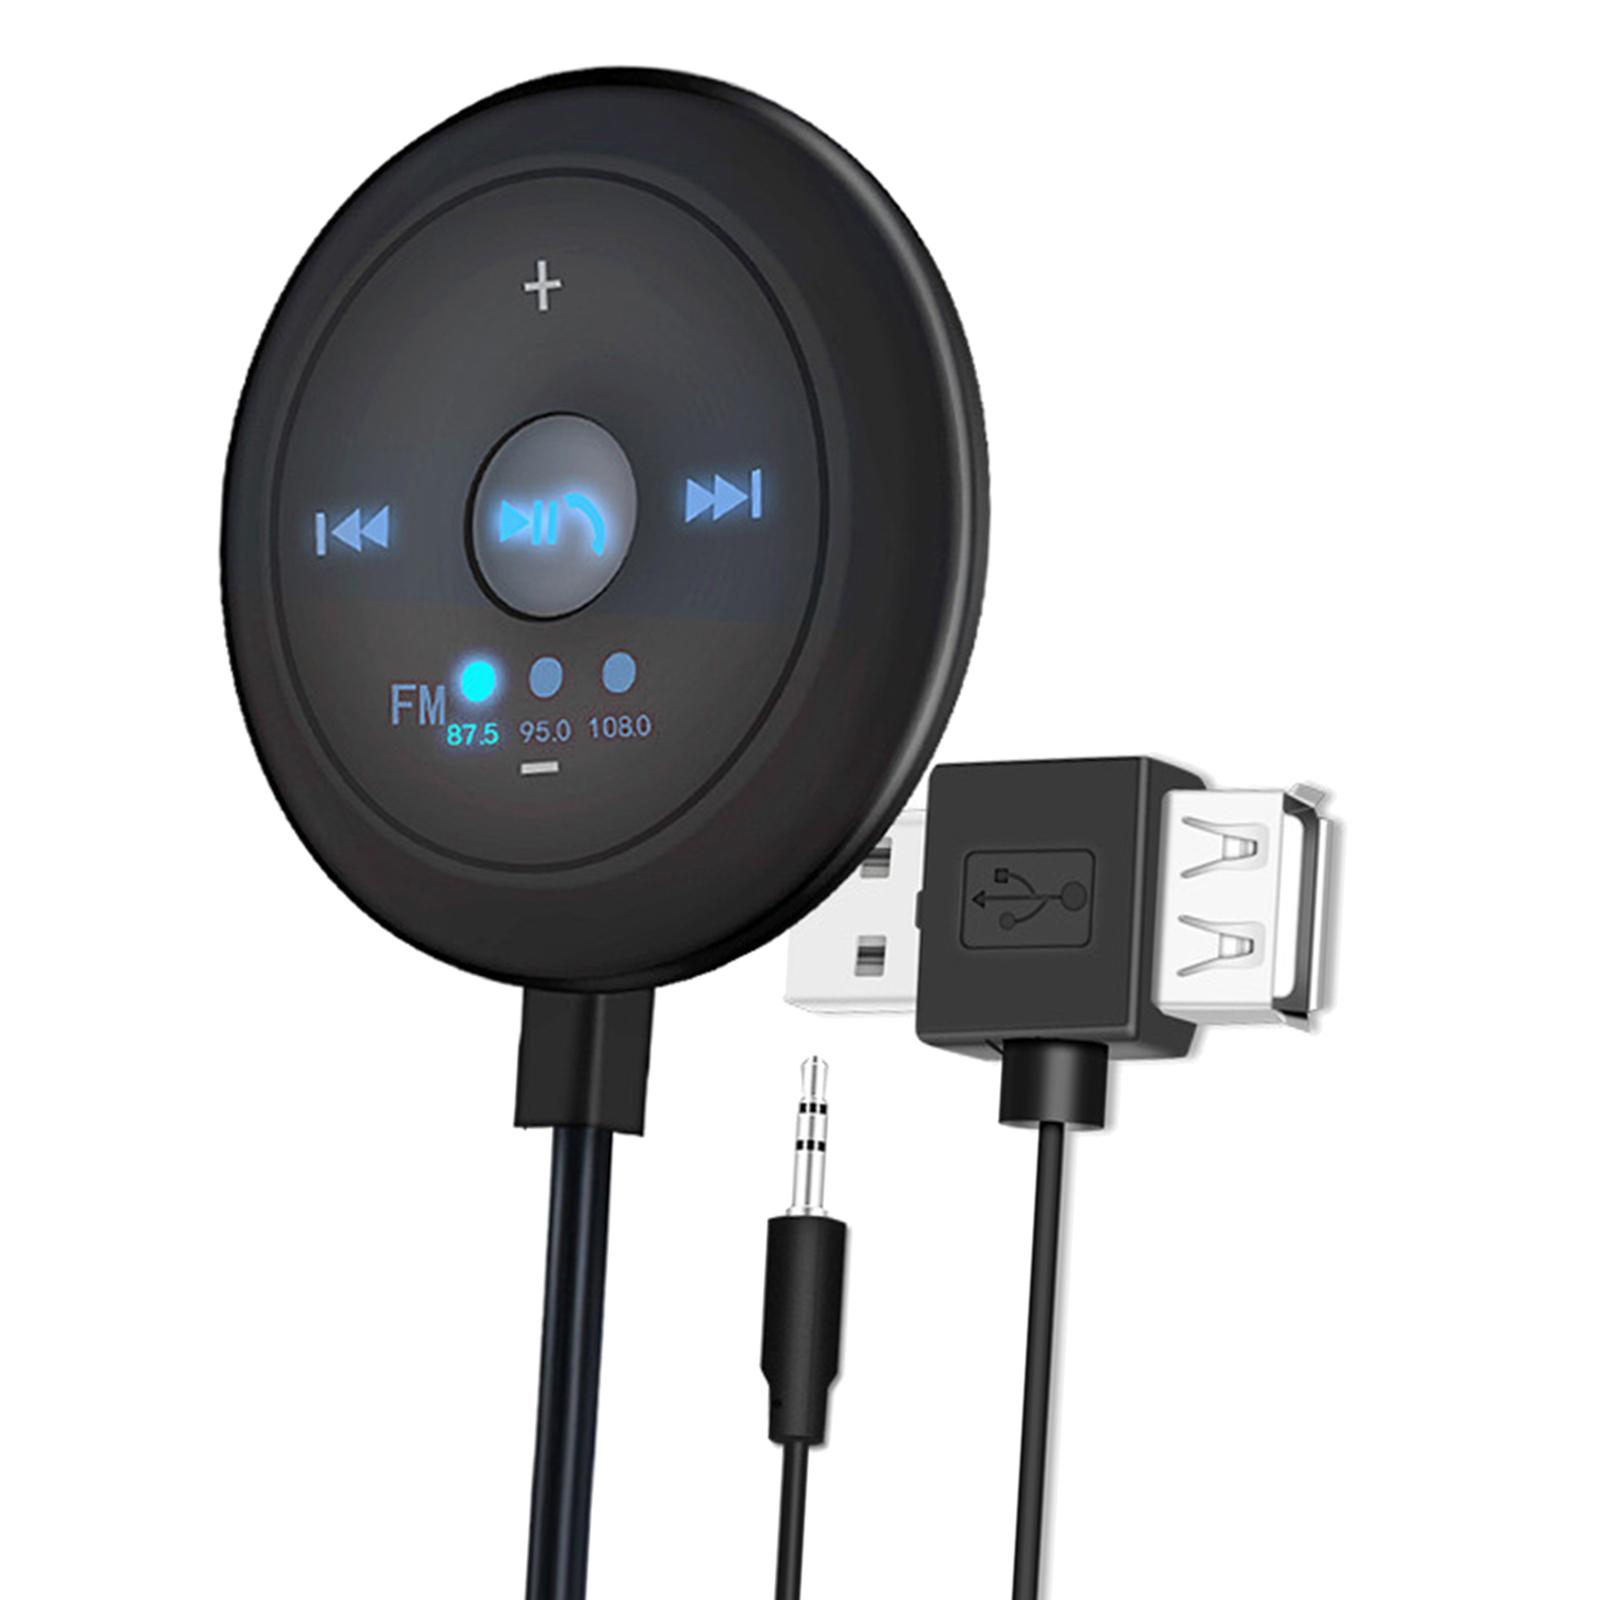 Indexbild 8 - AUX Audio Adapter 2 in 1 FM Transmitter Basis Eingebaute Mic 5x5x1,7 cm für